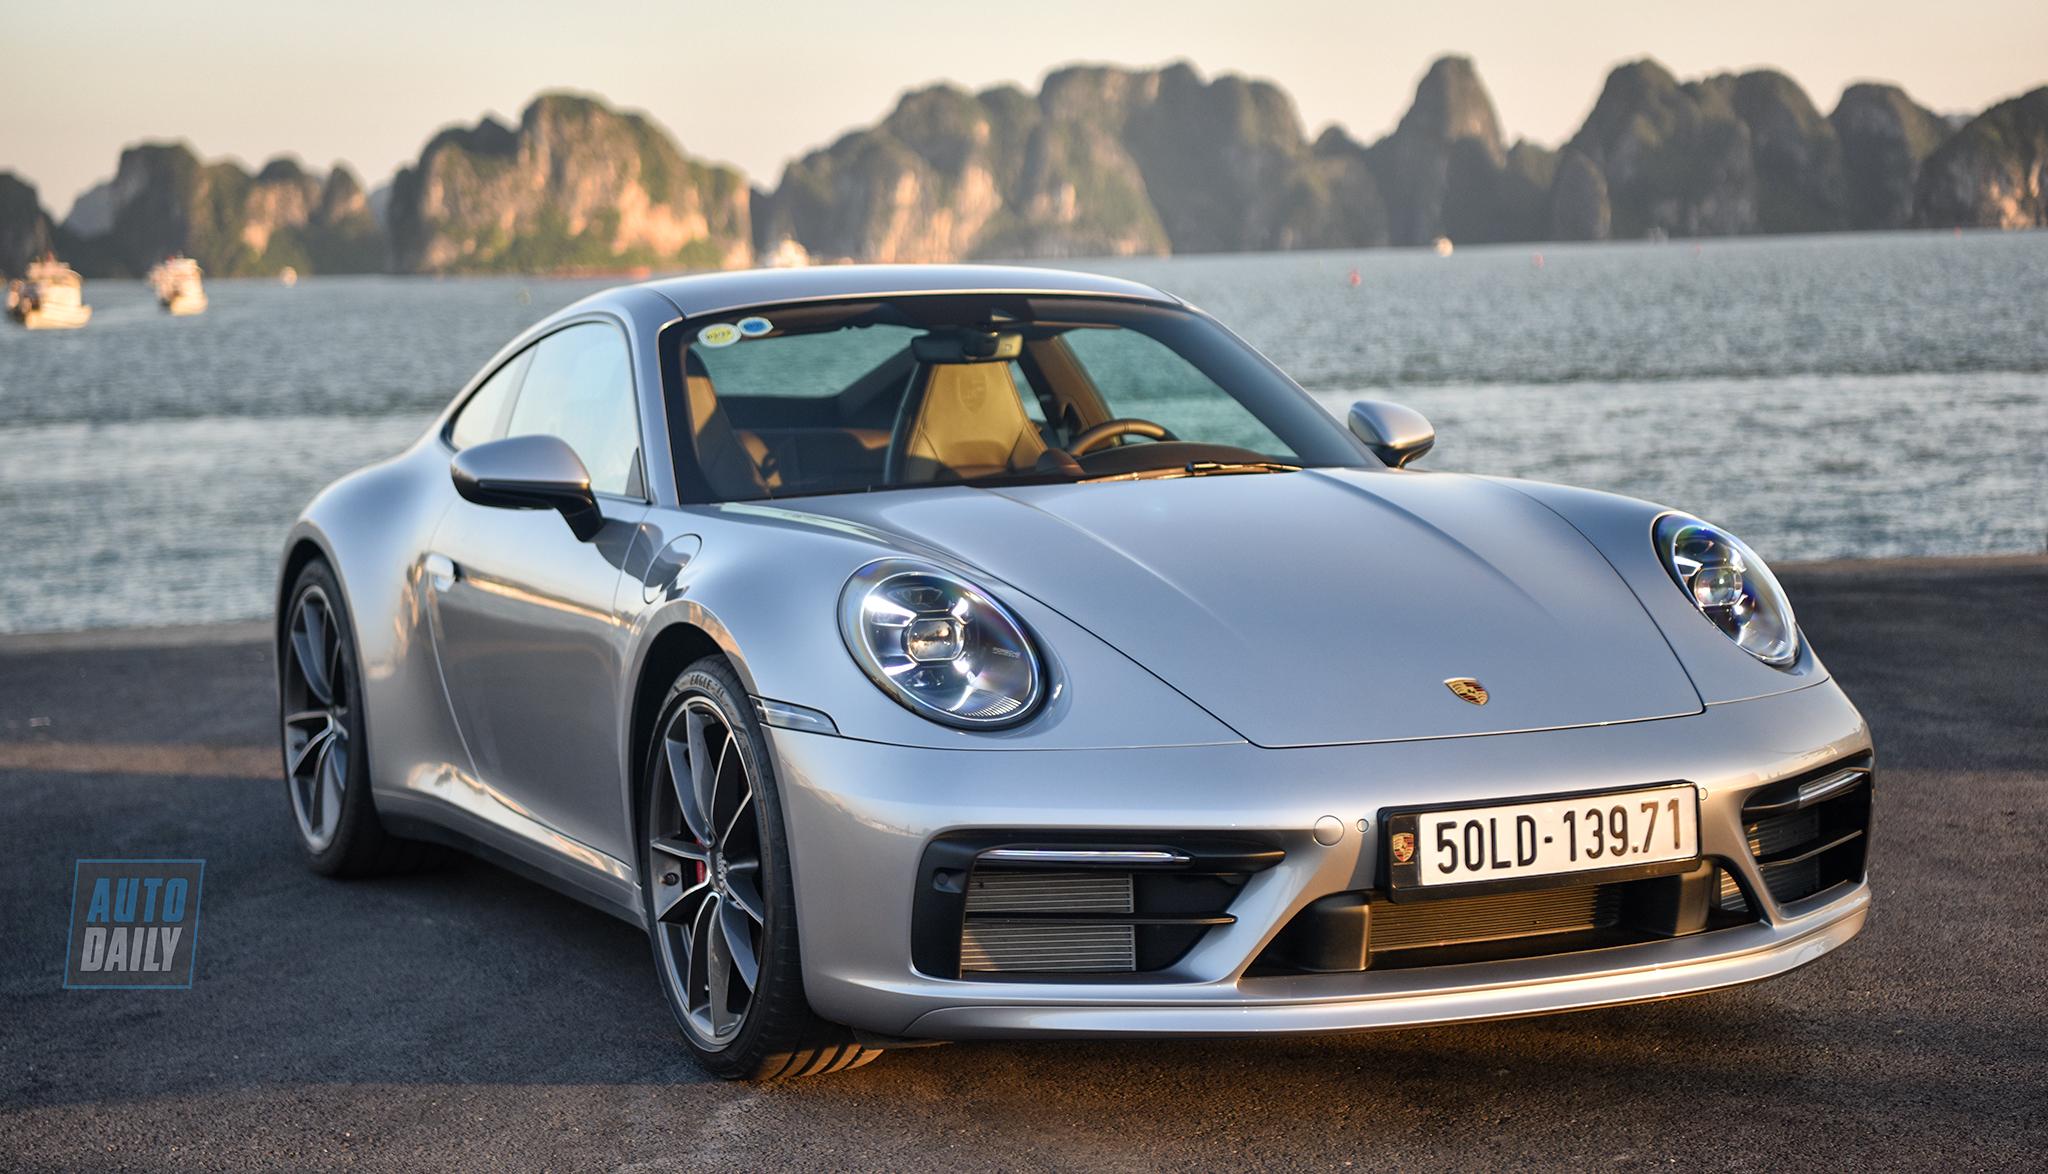 Kết quả hình ảnh cho Porsche 911 carrera 2020 autodaily